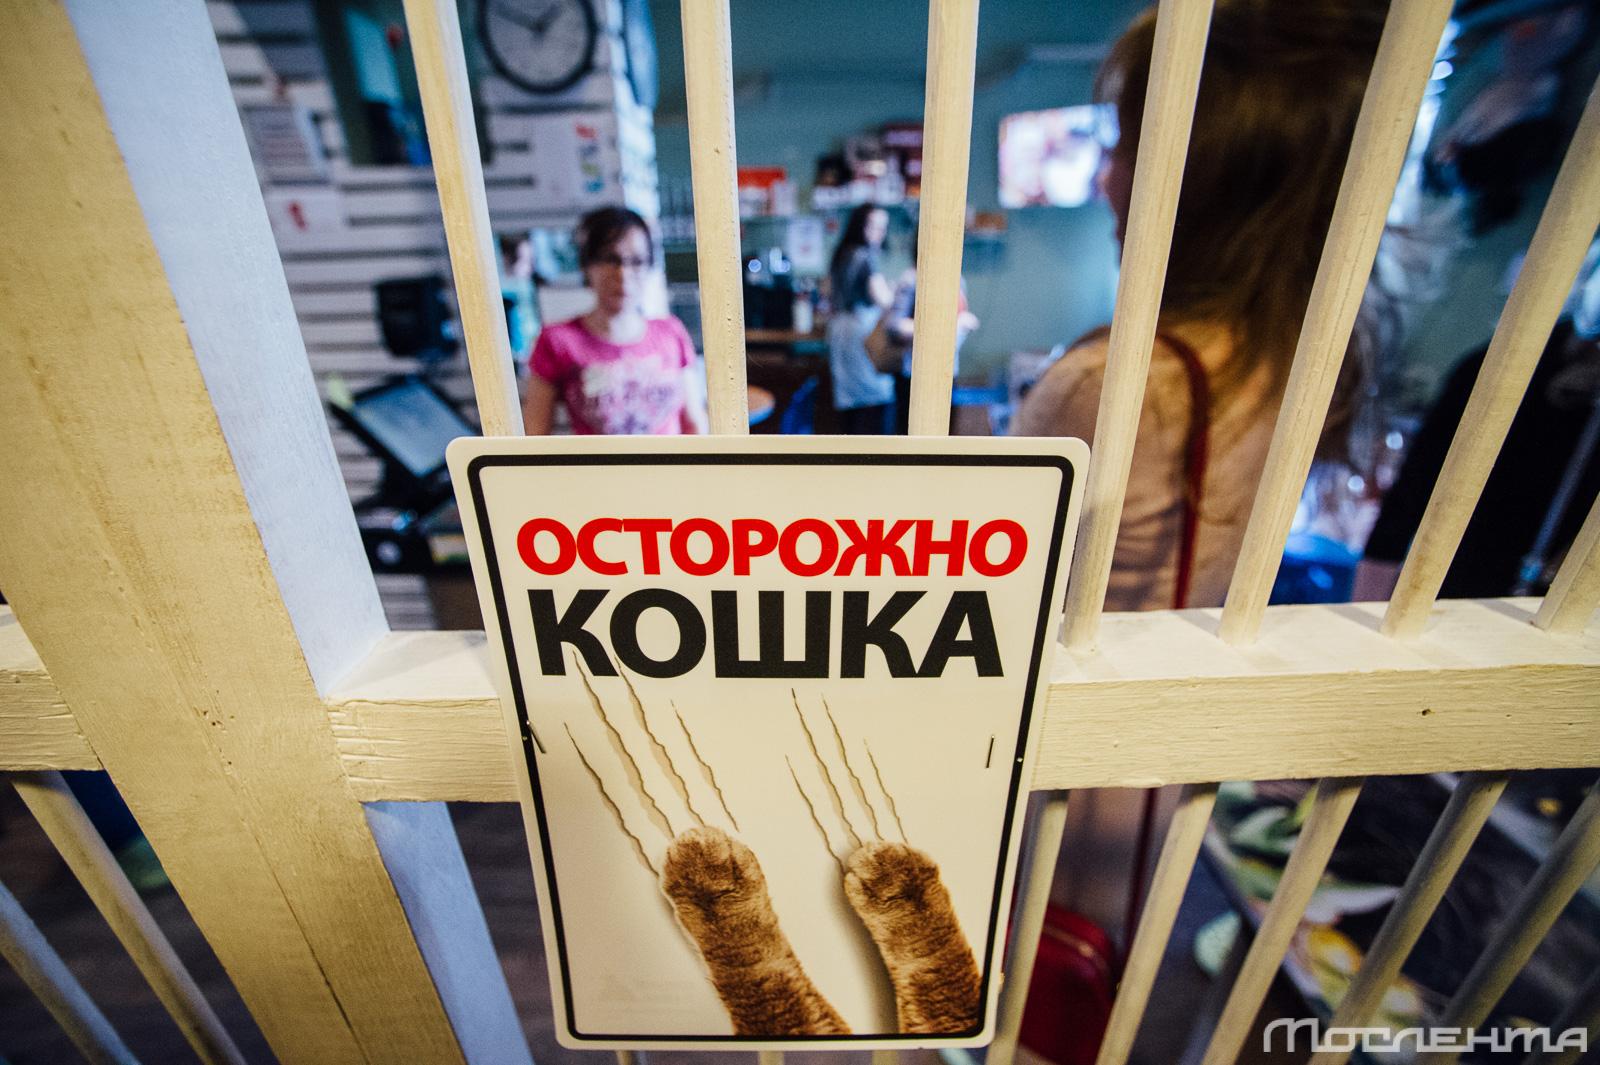 Котики и люди. Что такое котокафе?